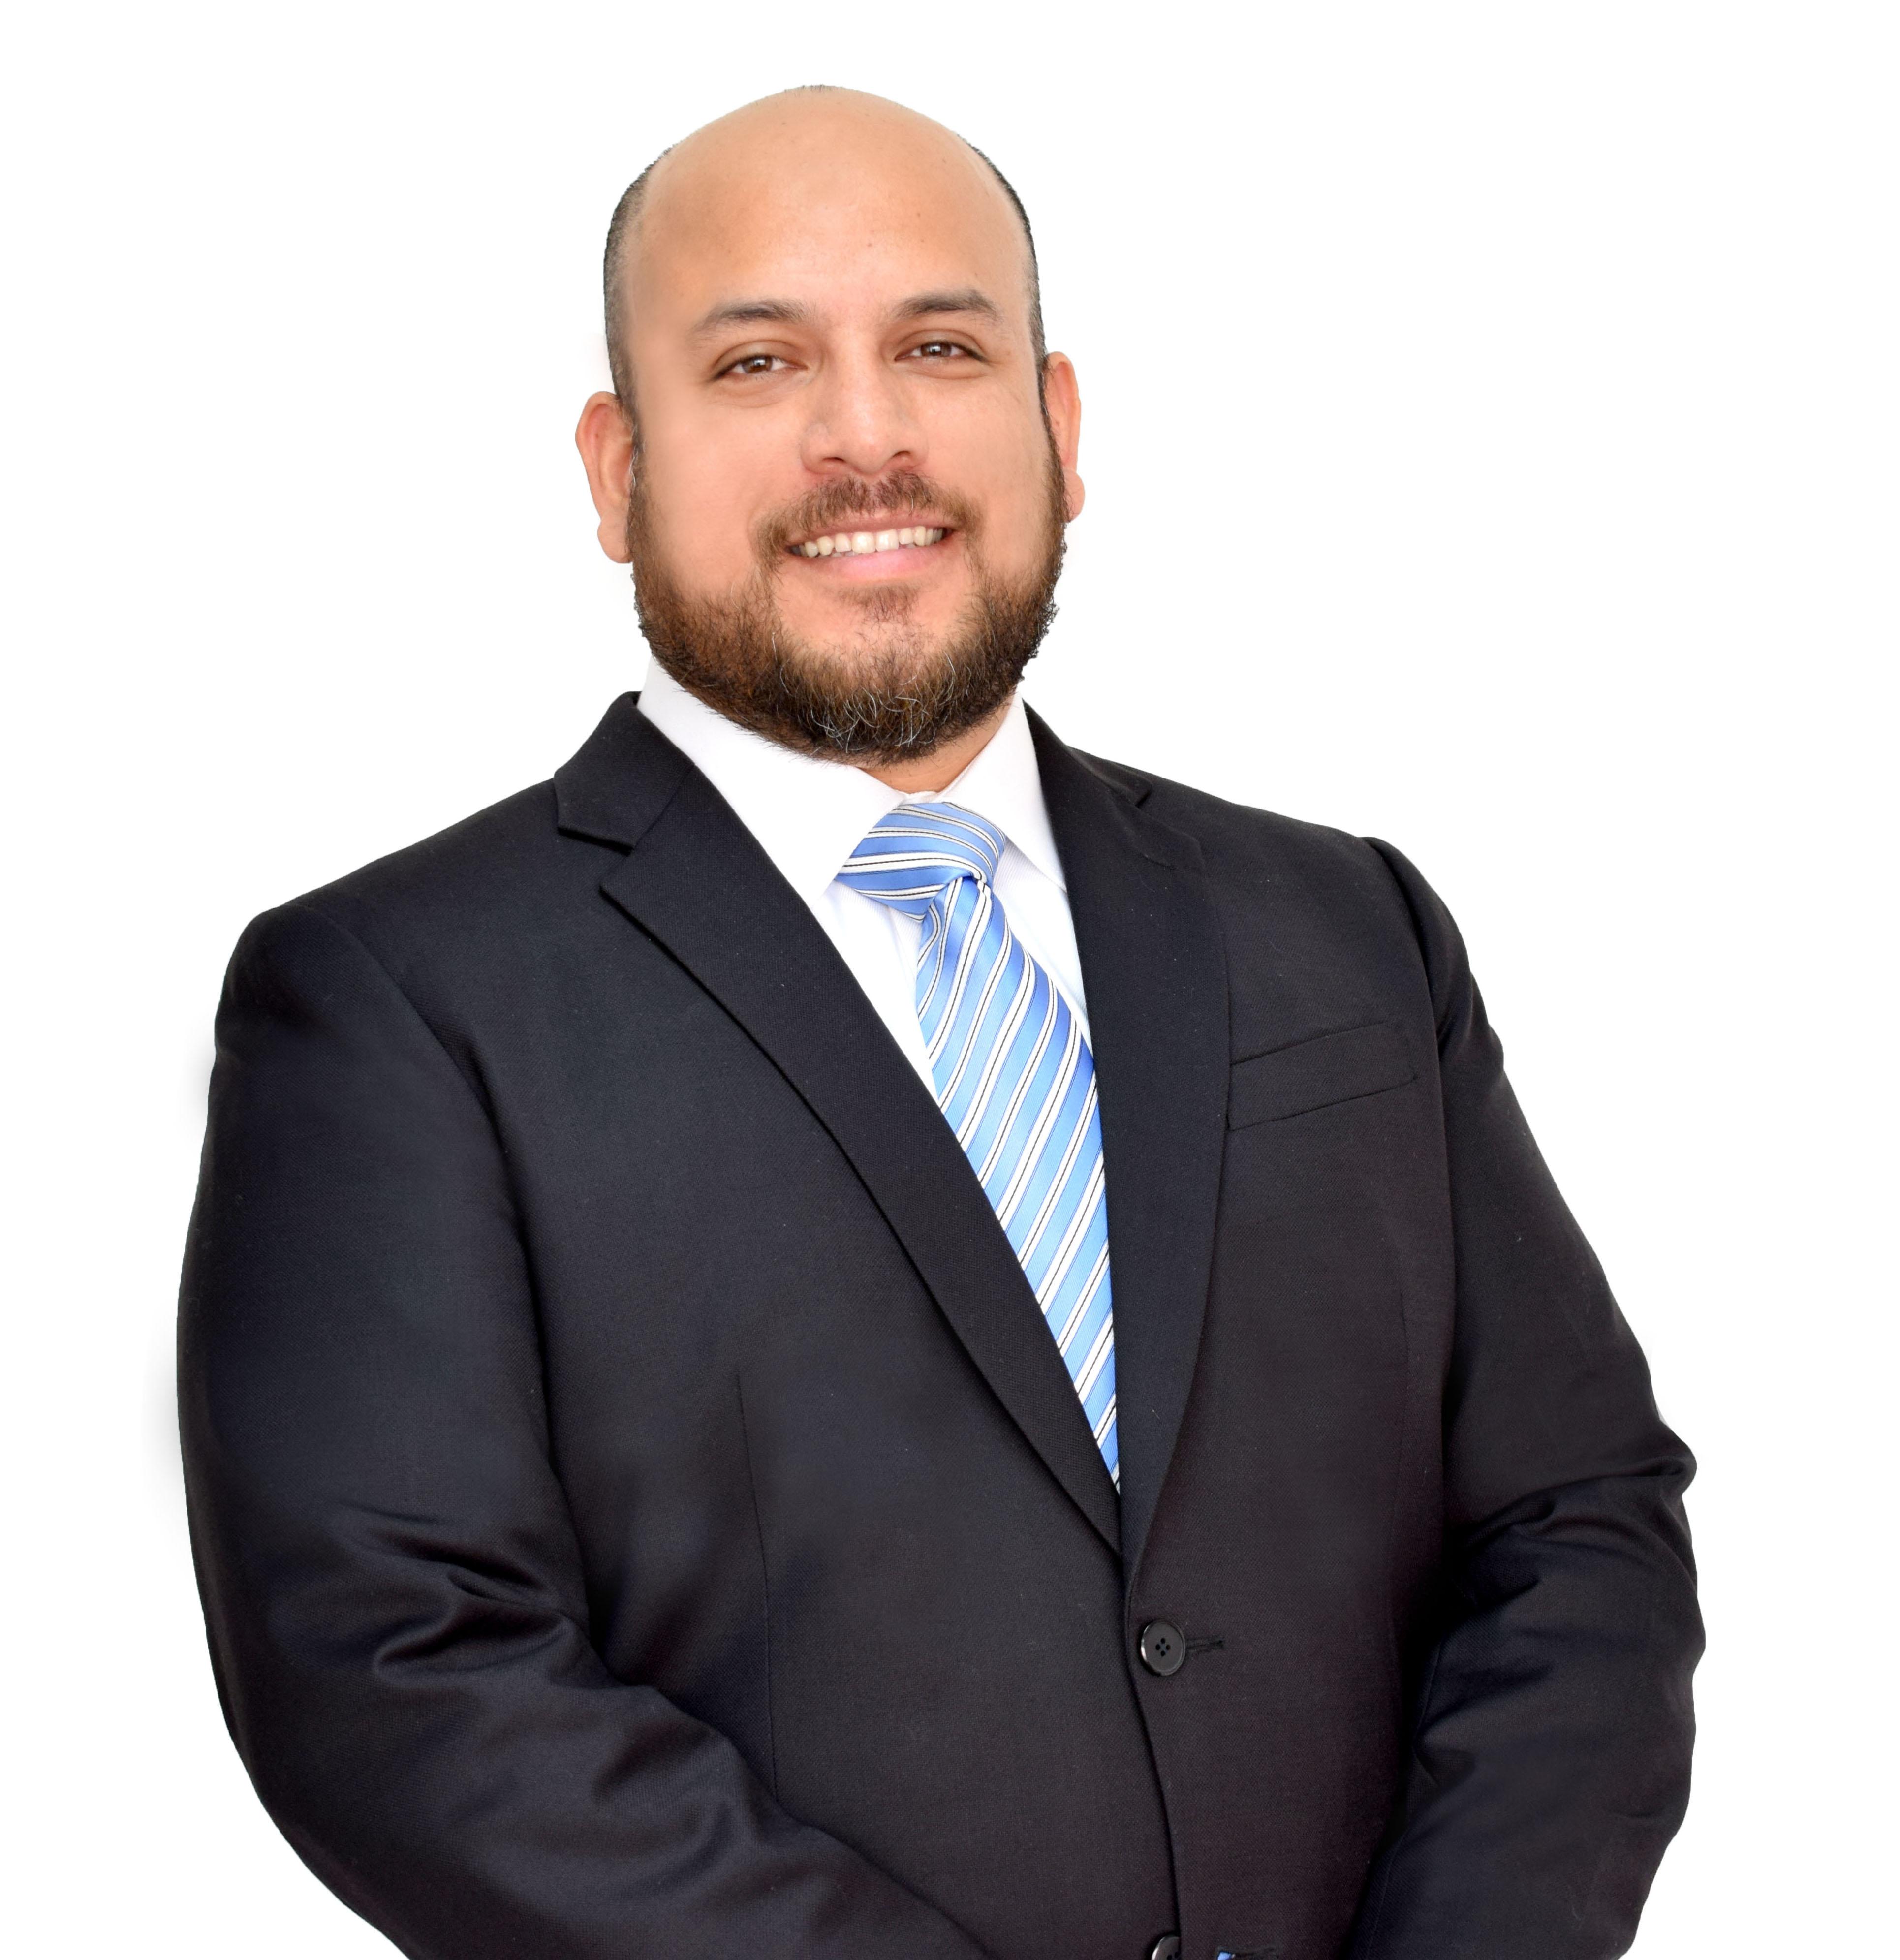 Dr. Gherard Garaycott Ortiz